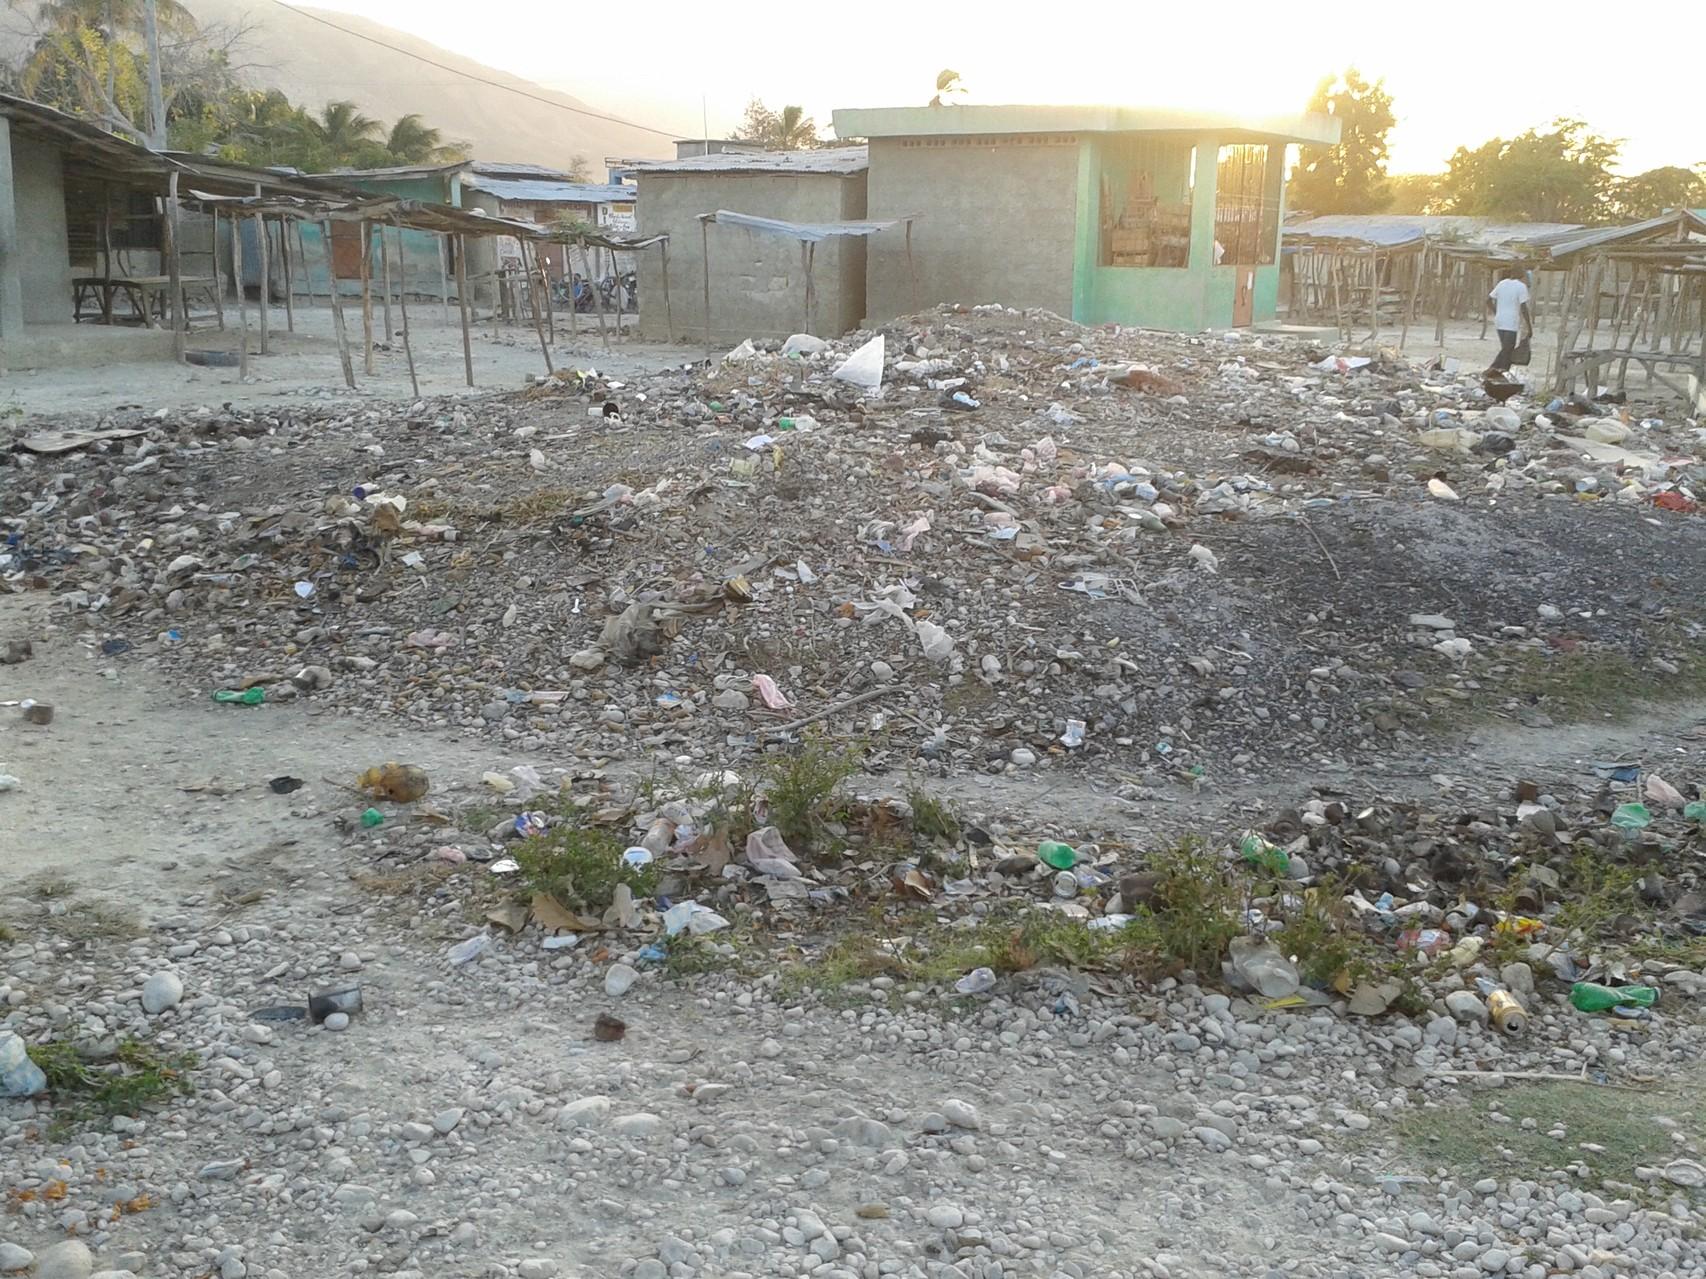 Emplacement où la halle va être construite. A l'origine, il existe une pile de fatras (poubelles), où des commerçantes vendaient de la nourriture à proximité